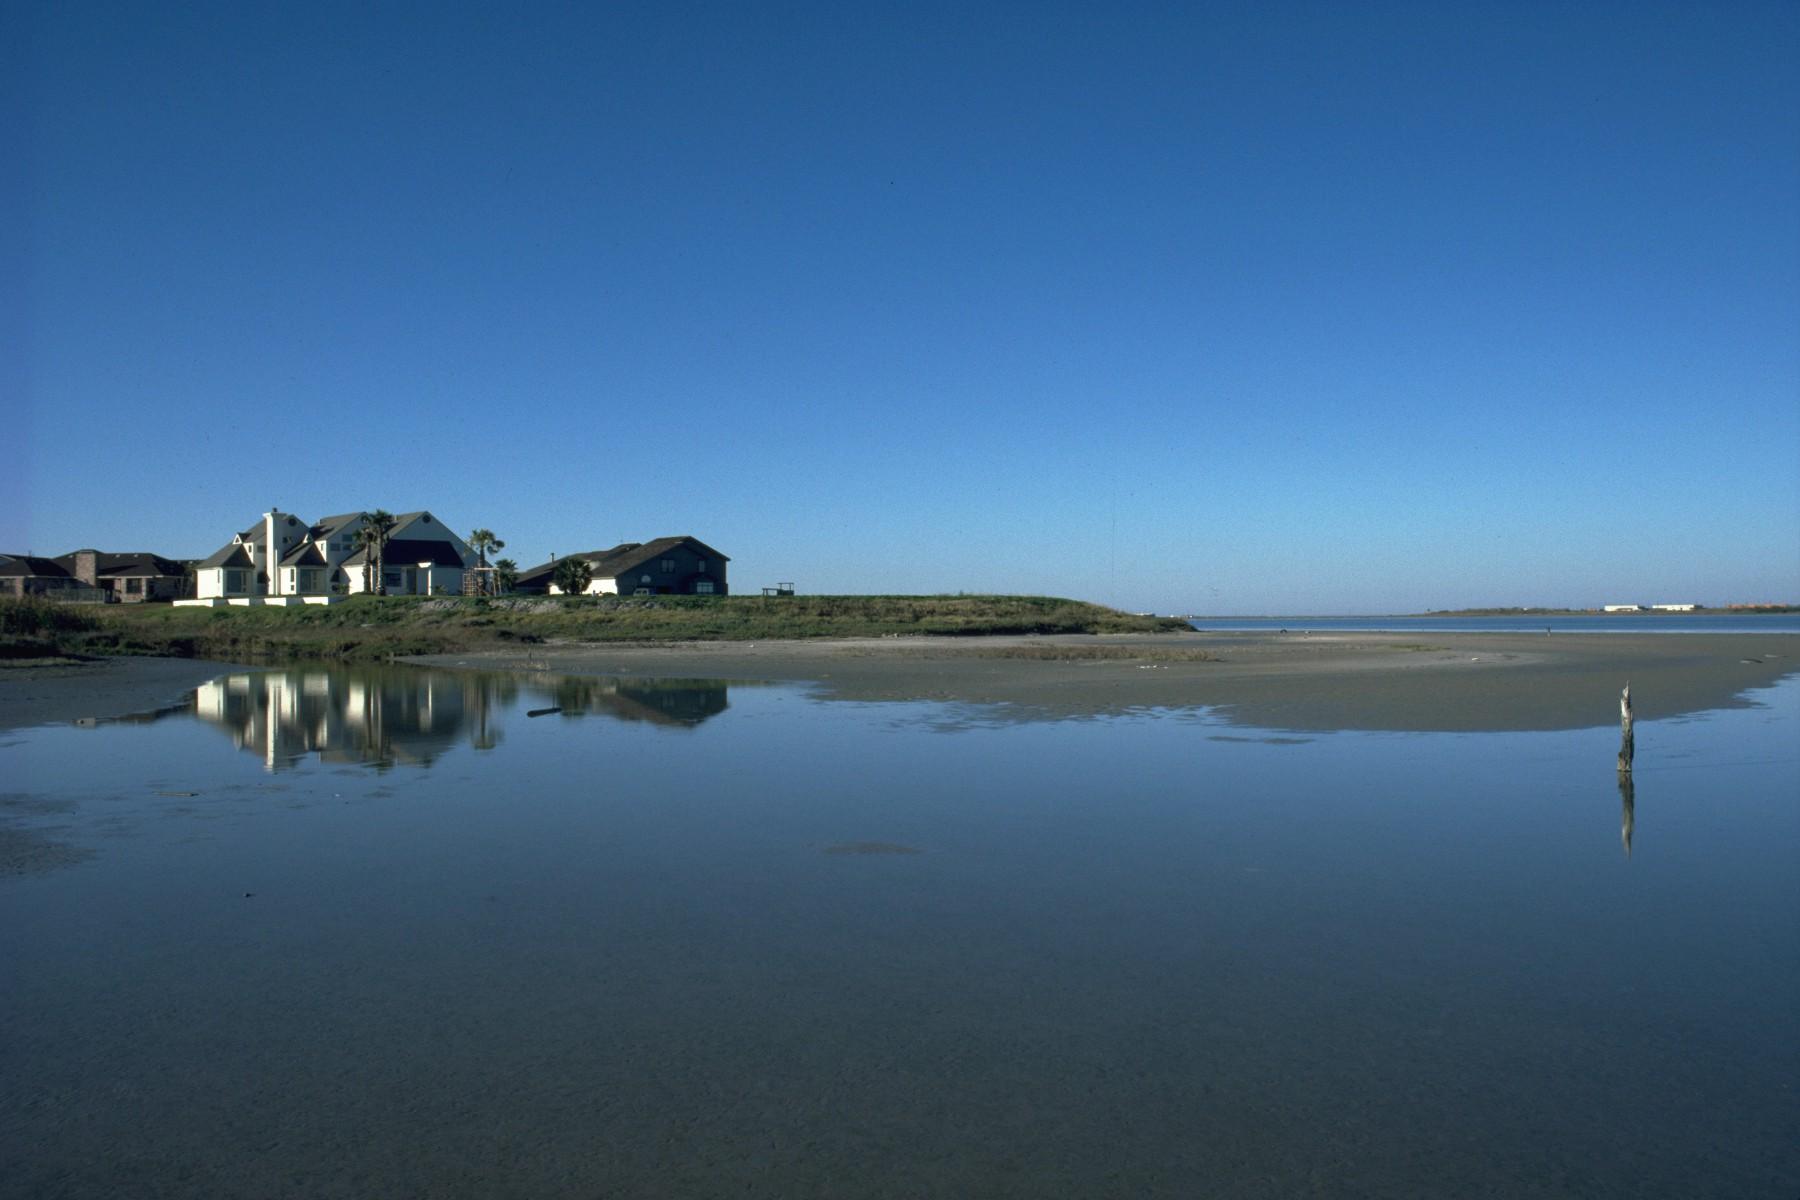 richter residence bay.jpg